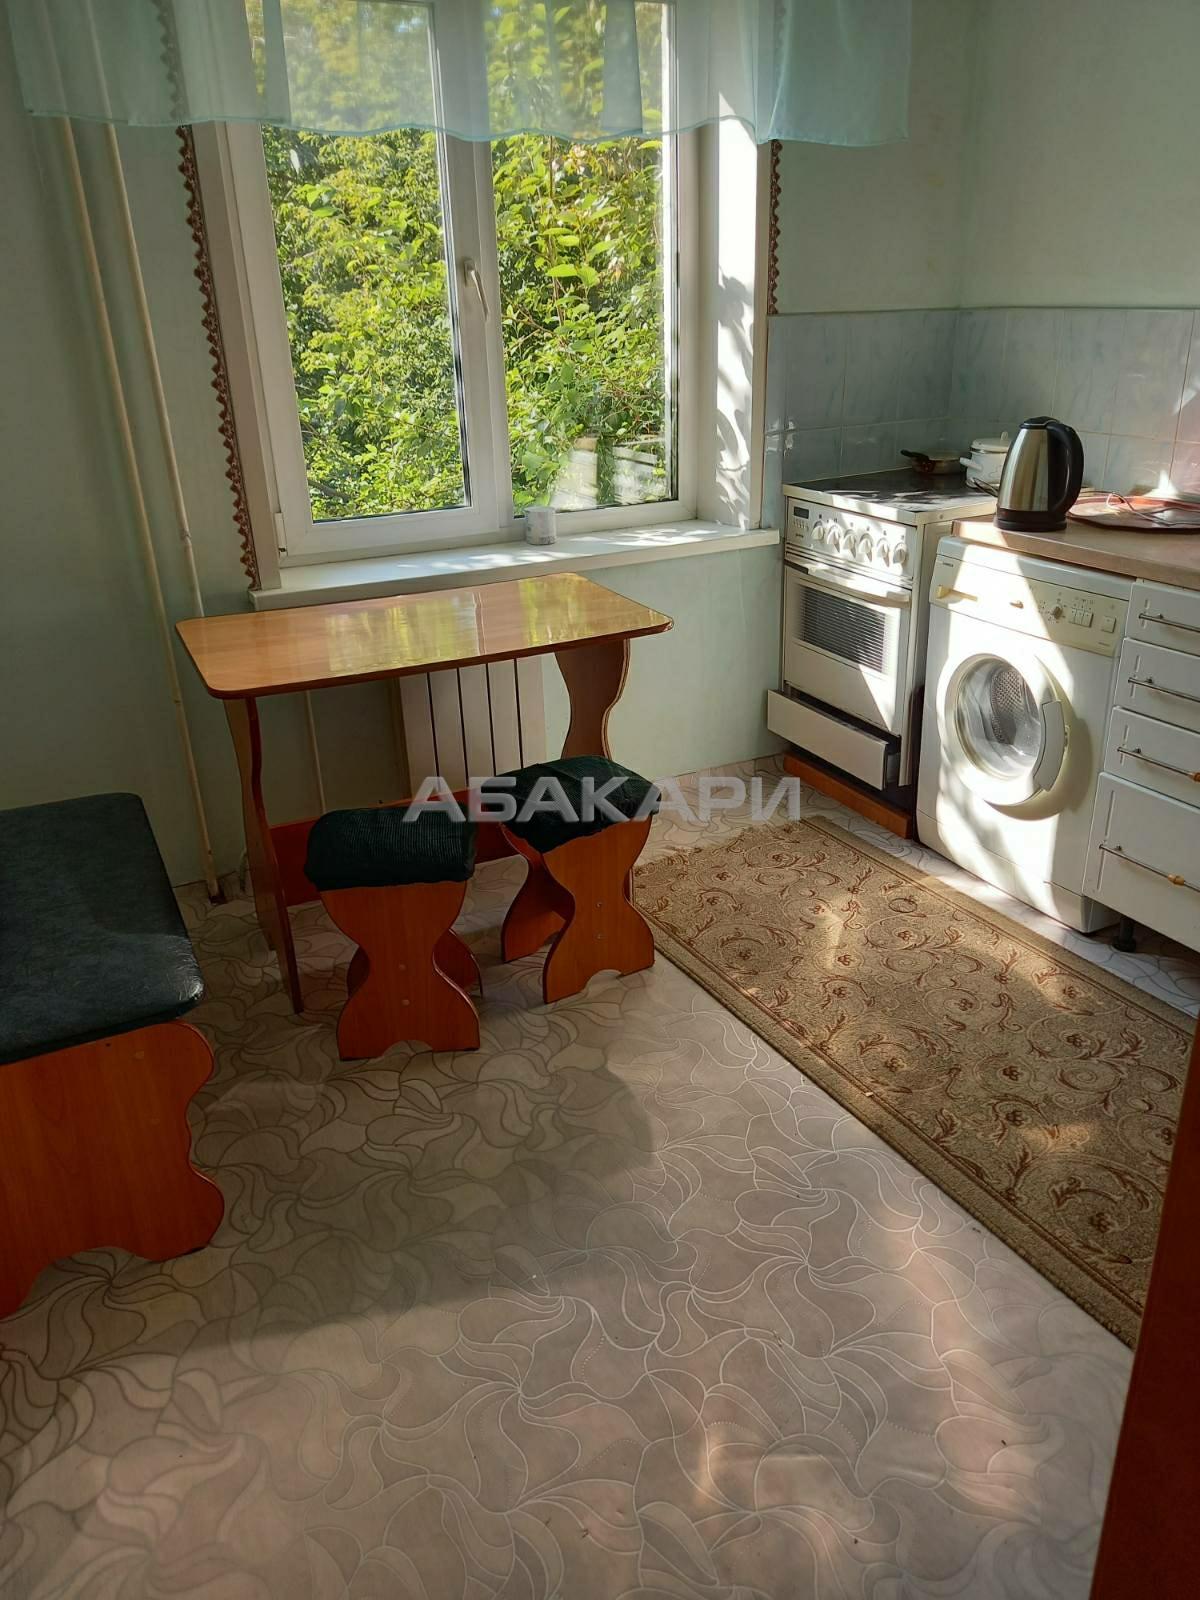 1к квартира улица Менжинского, 11А   16000   аренда в Красноярске фото 3